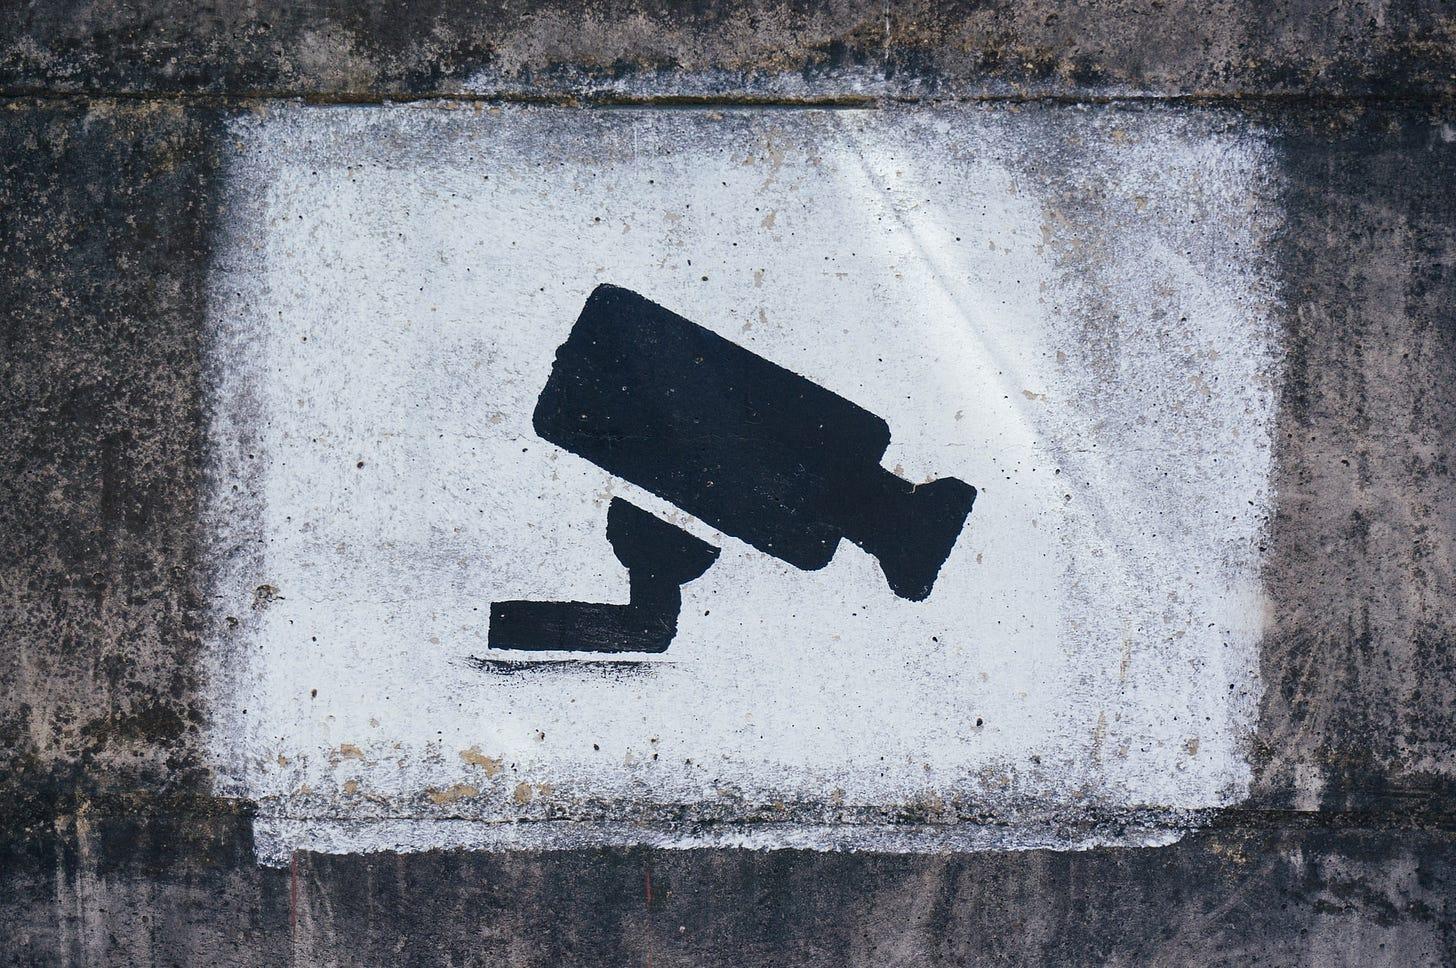 Imagem de uma câmera desenhada em um muro